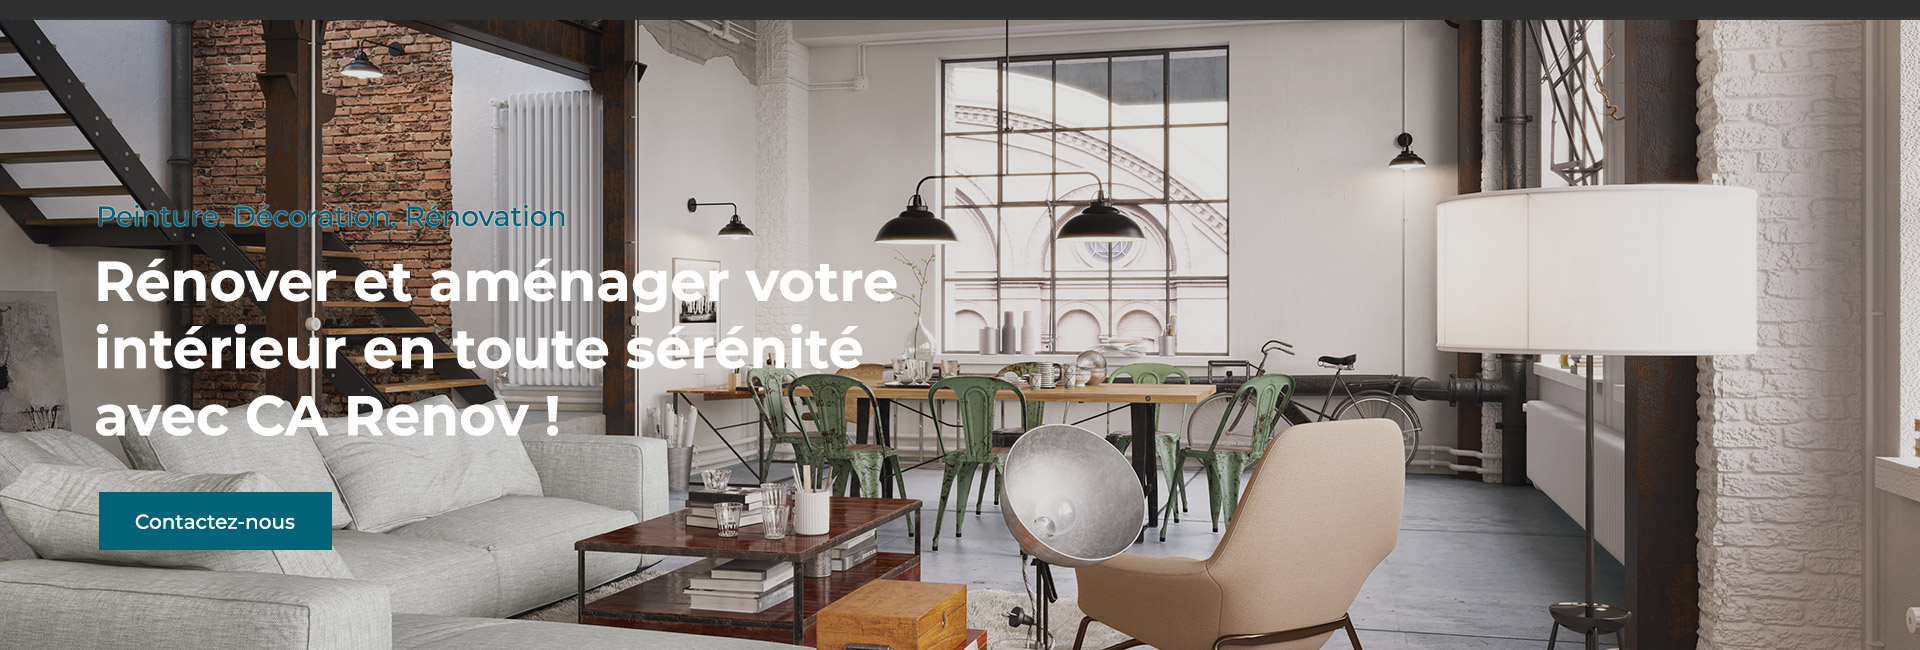 Décorateur D Intérieur Val D Oise rénovation appartement sannois argenteuil ermont